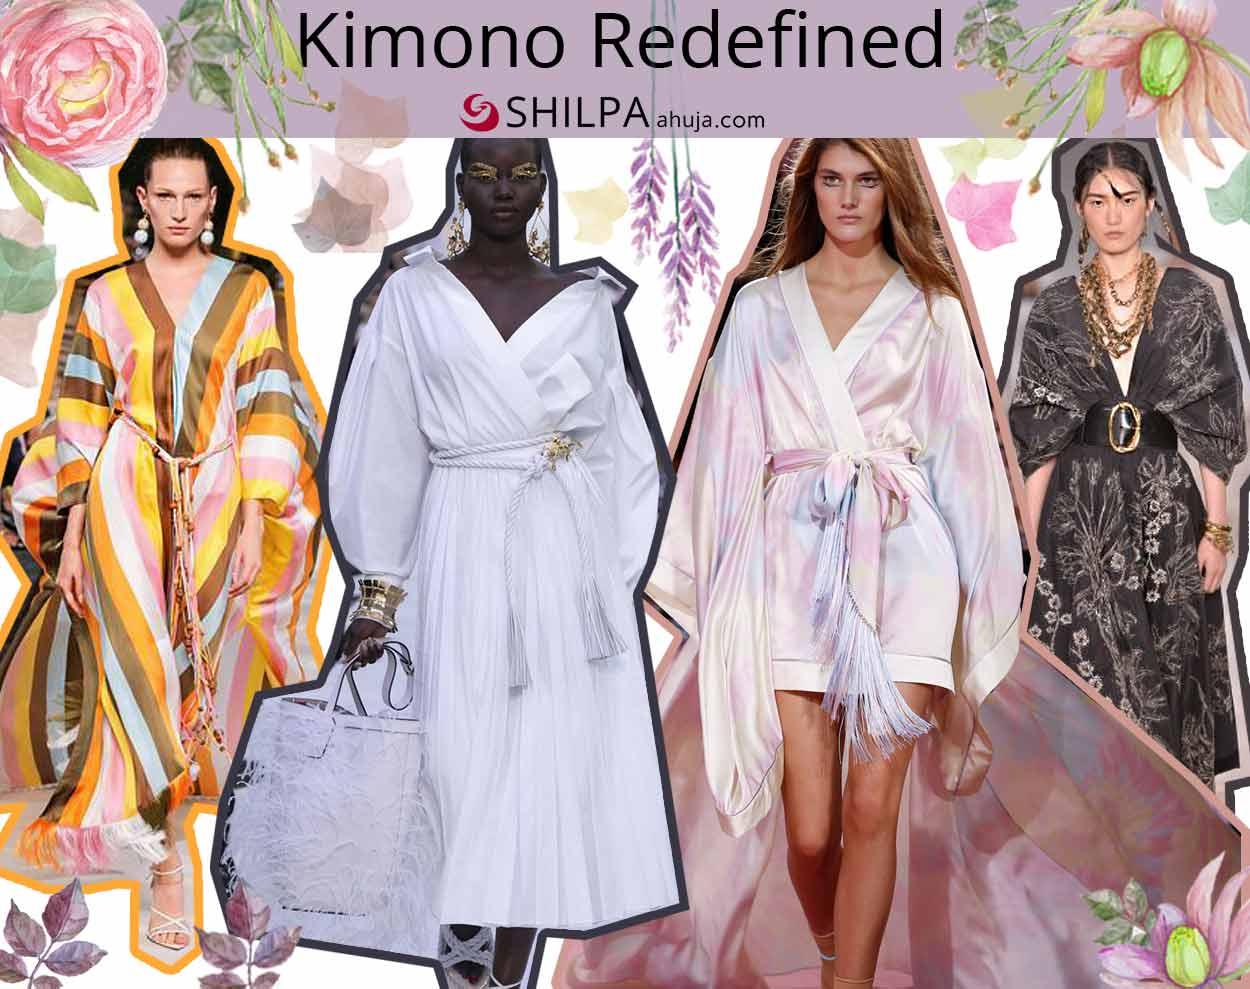 kimono top spring summer 2020 fashion styles trending